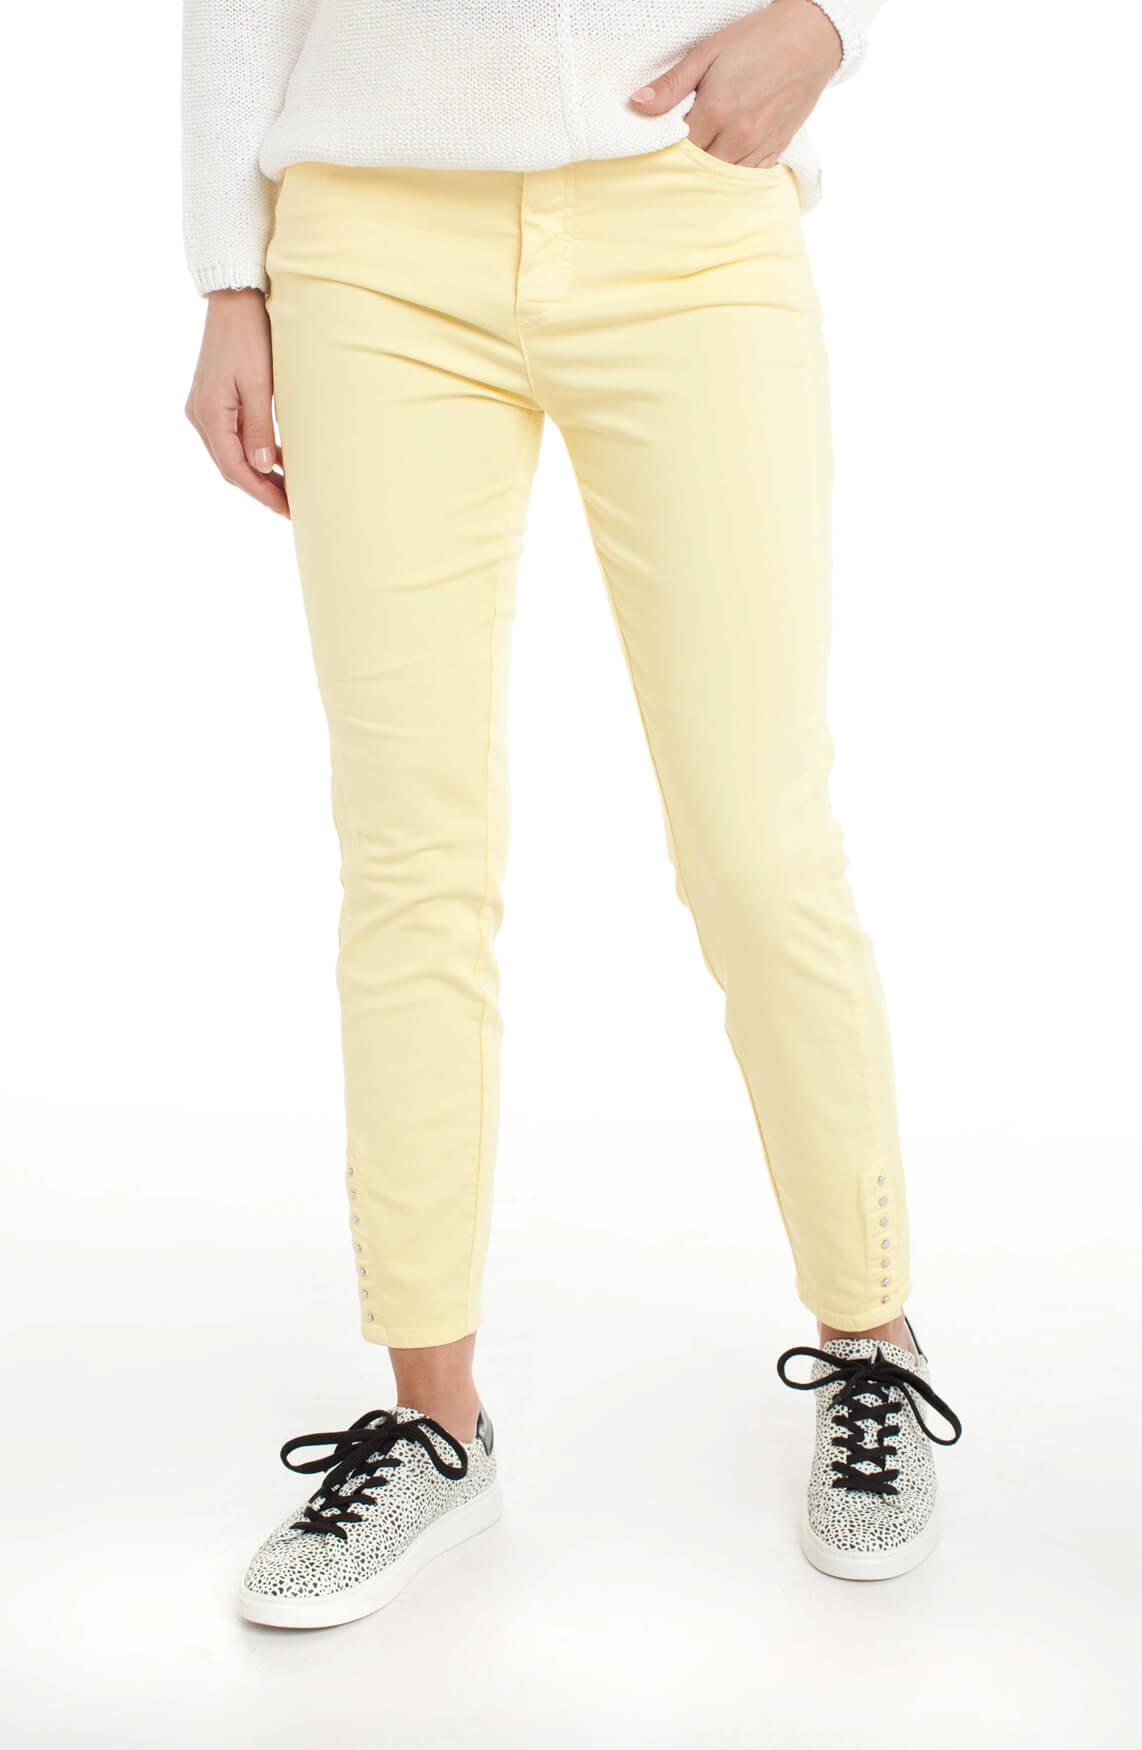 Rosner Dames Audrey broek met knopen geel